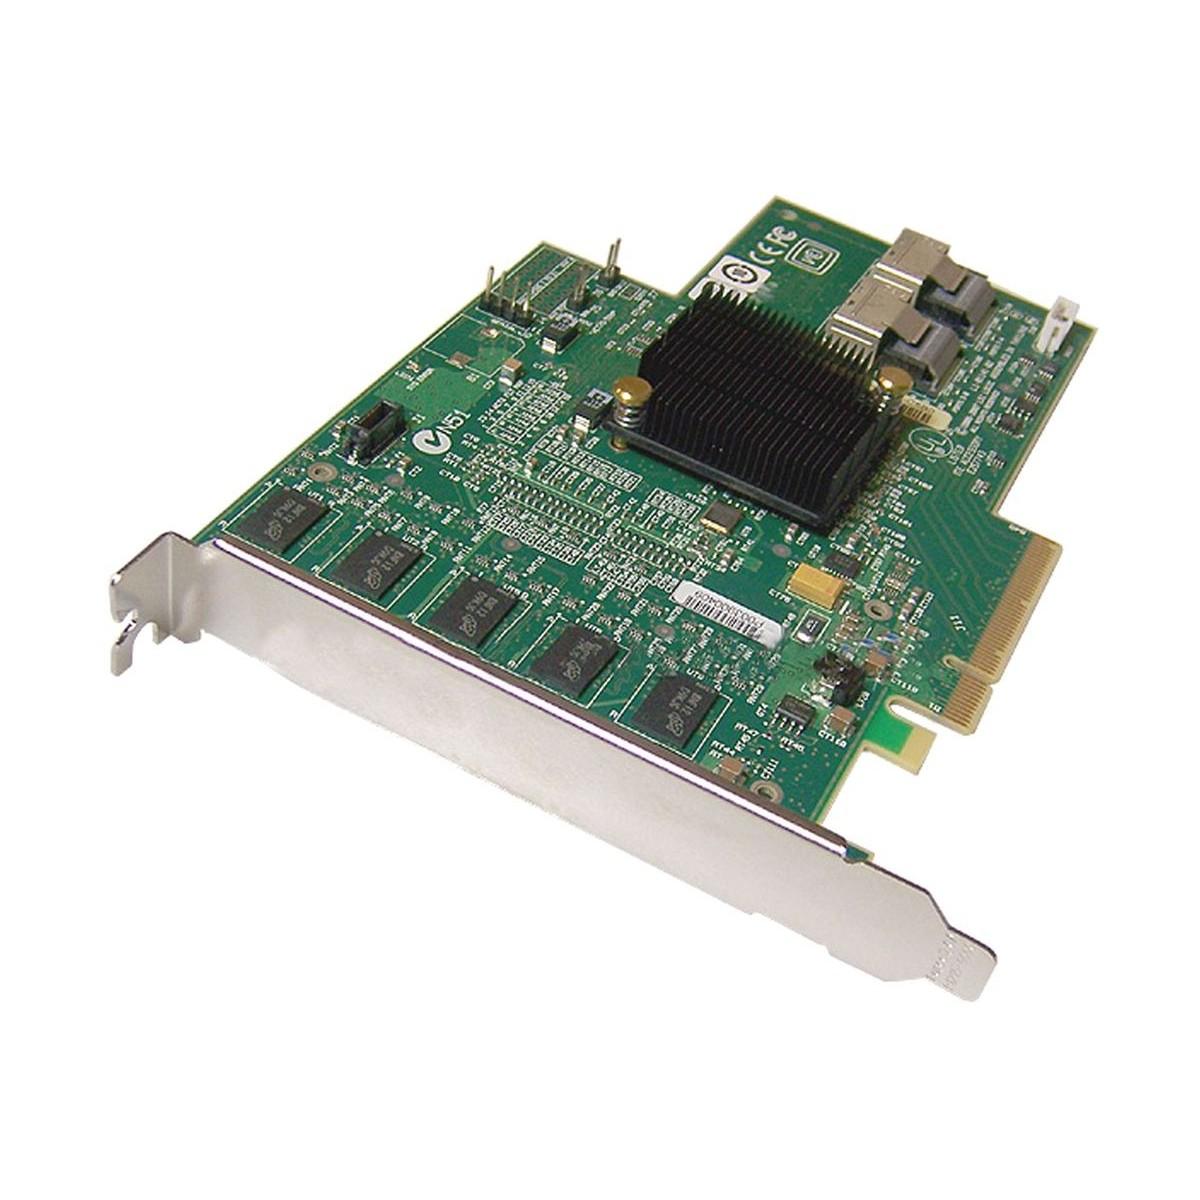 HP 8100 TOWER 2.8QC i7 860 8GB 300GB 10K WIN7 PRO